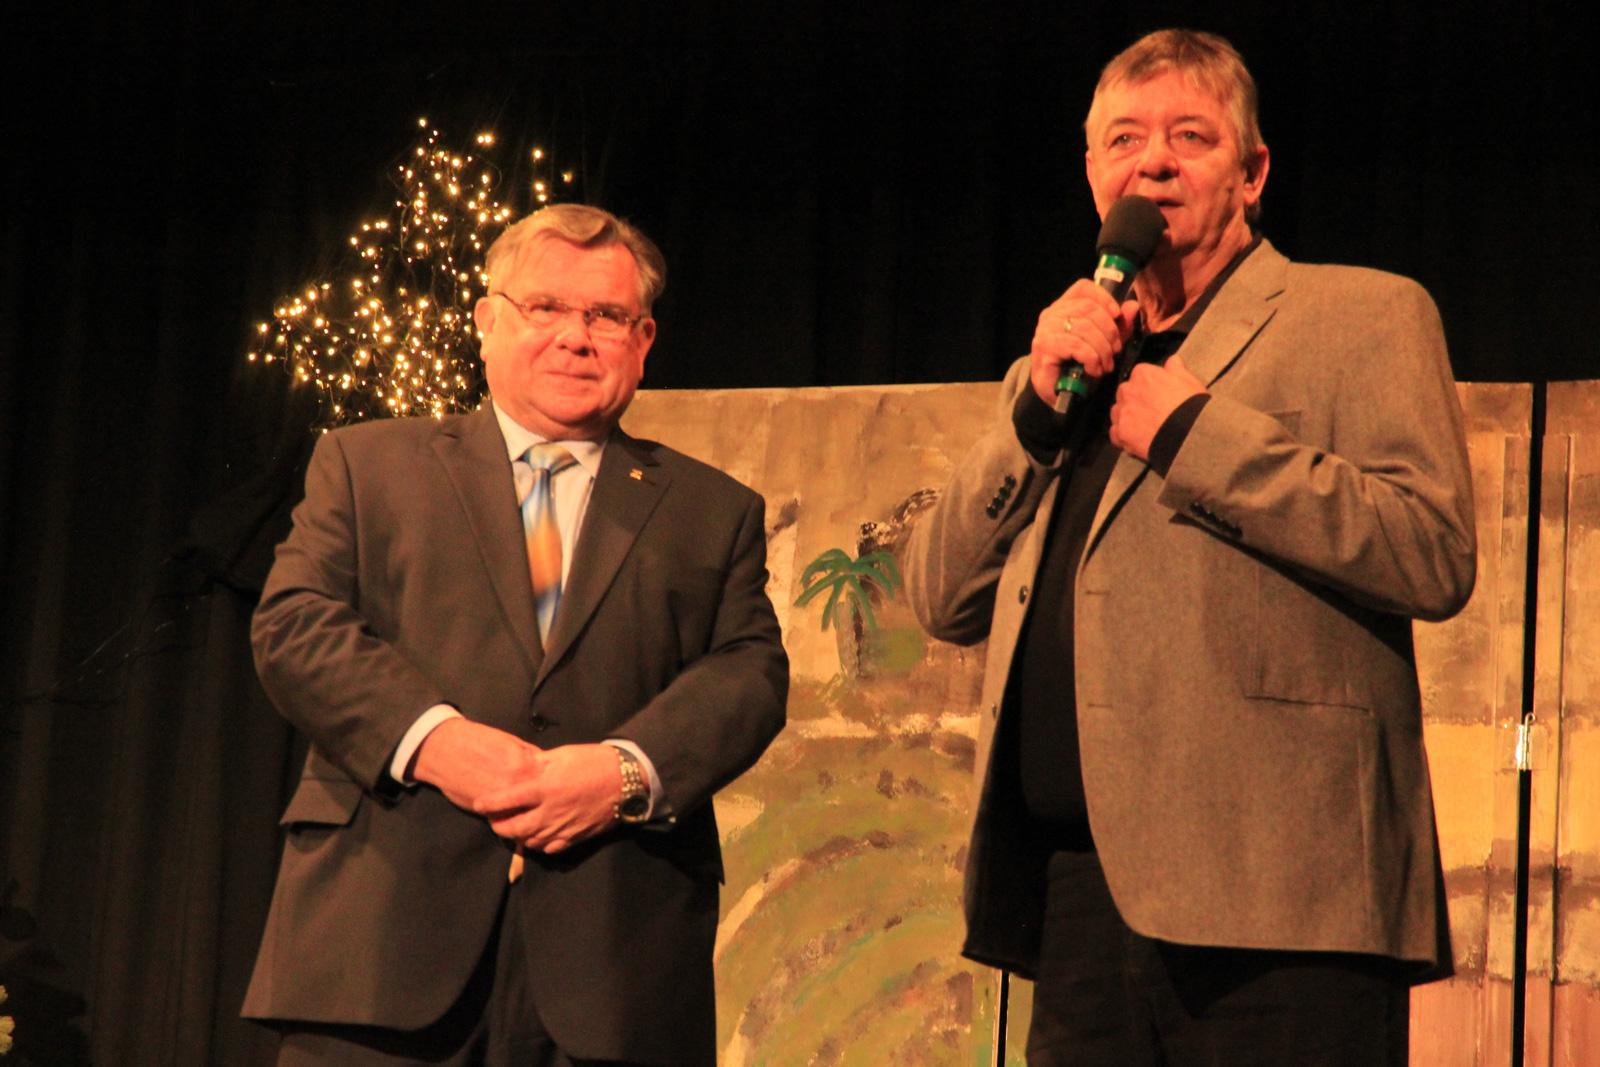 Jahresabschlussfeier der Moritzberg-Werkstätten 2016